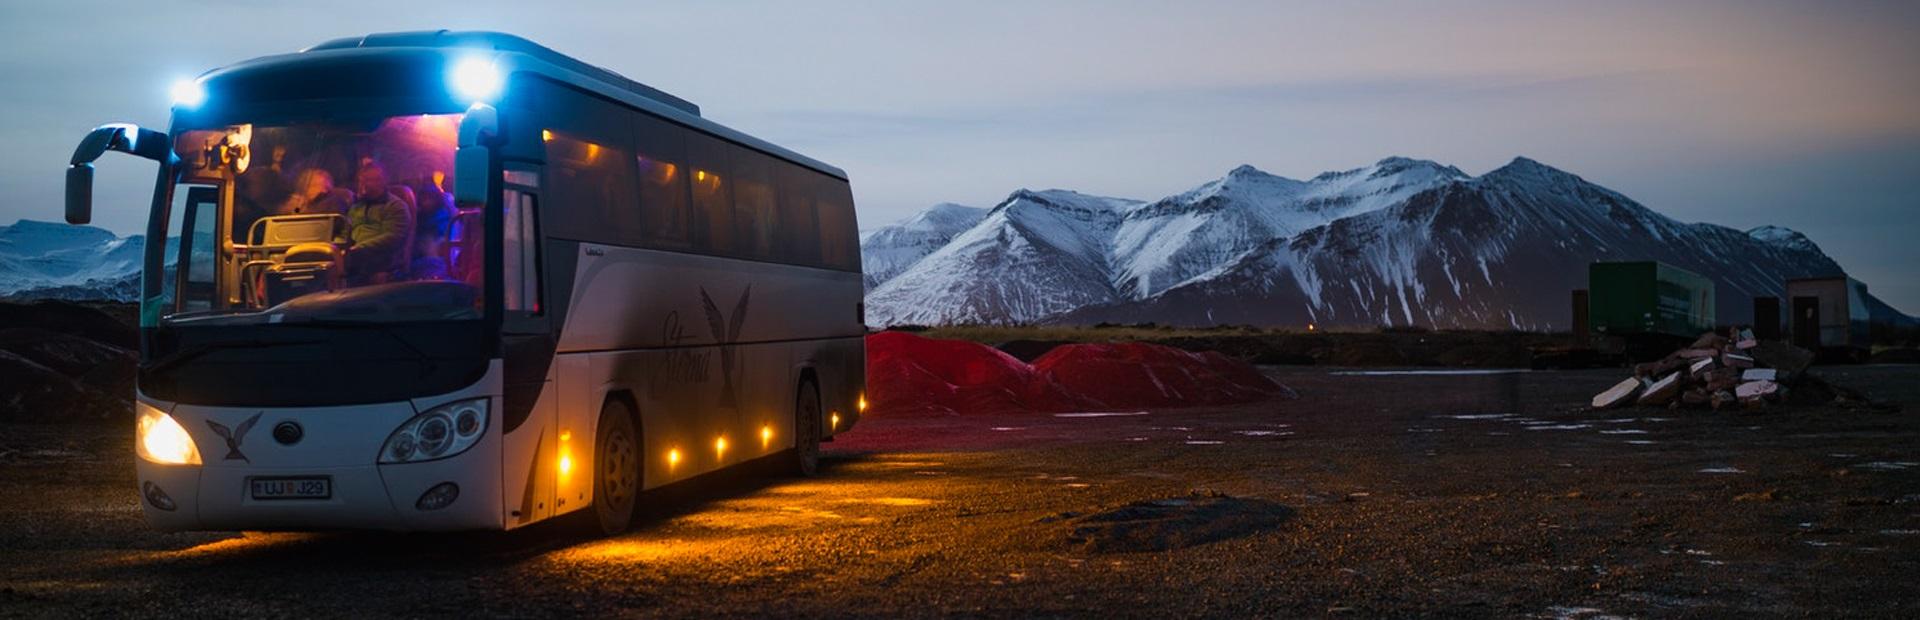 аренда автобусов в минске, бобруйске, могилеве